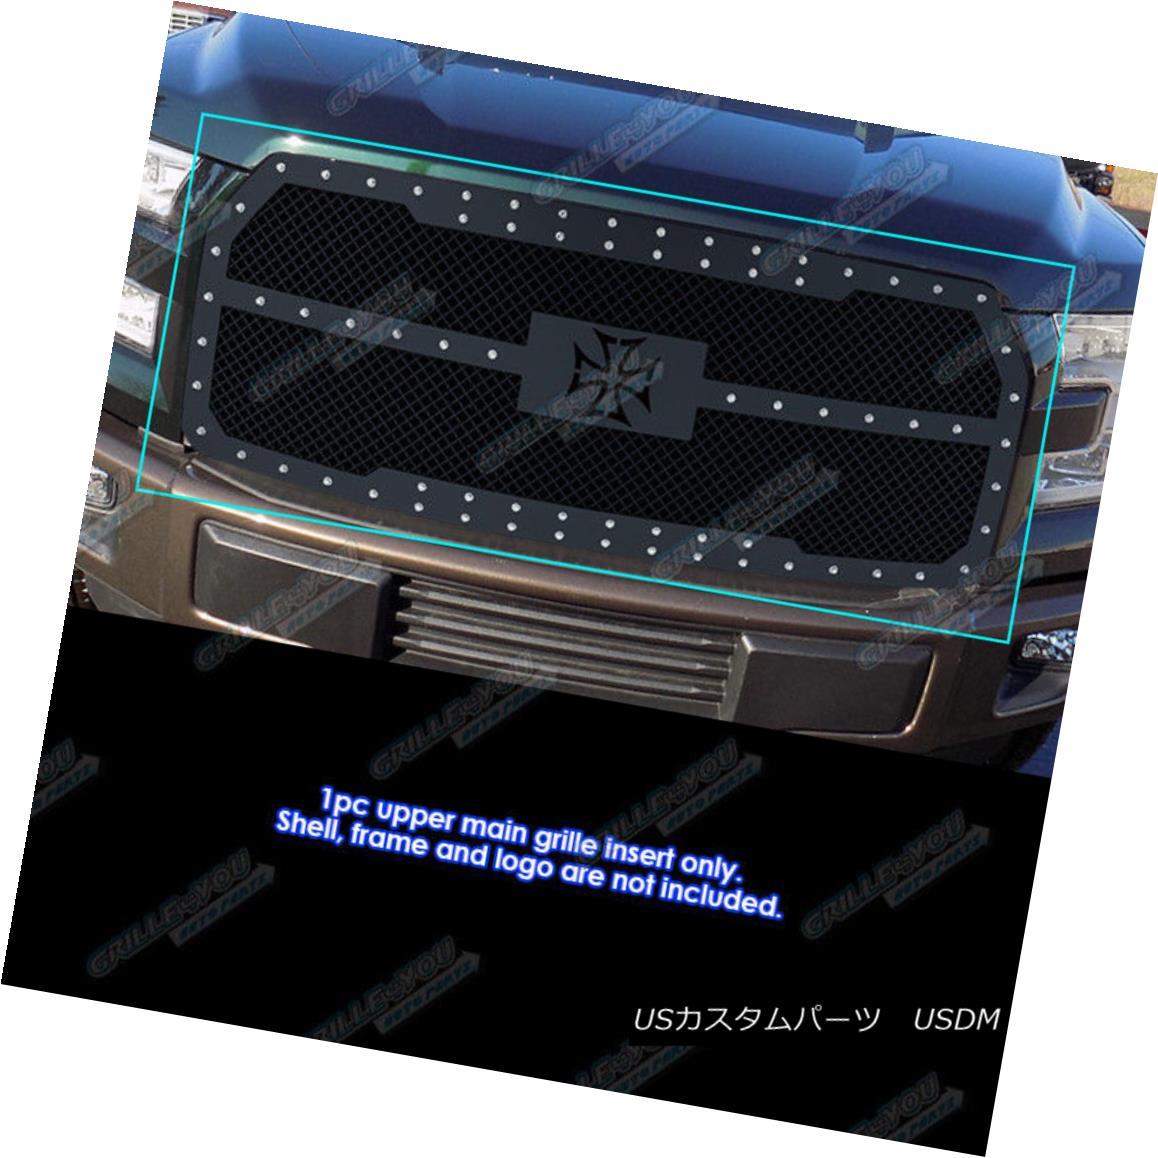 グリル For 2015-2017 Ford F-150 Stainless Steel Black Mesh Rivet Studs Grille Insert 2015-2017フォードF-150ステンレススチールブラックメッシュリベットスタッズグリルインサート